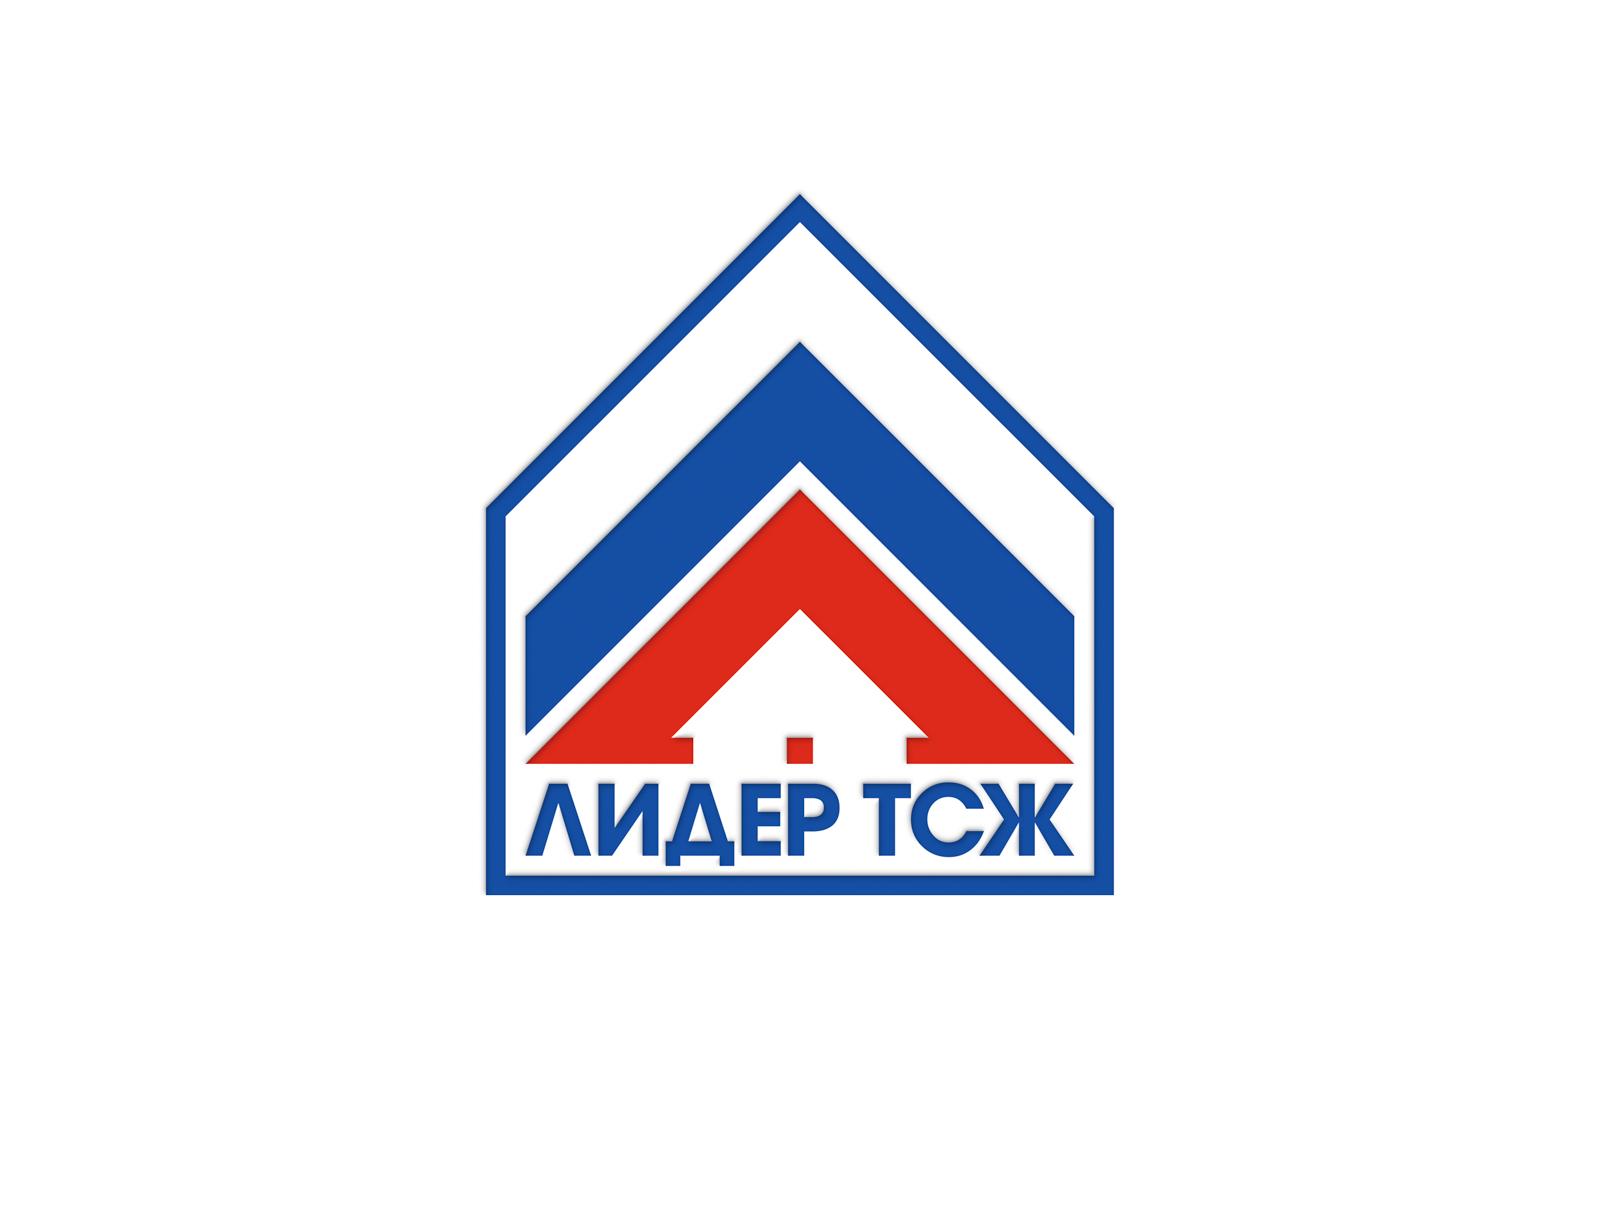 картинки для логотипа тсж что, как видите